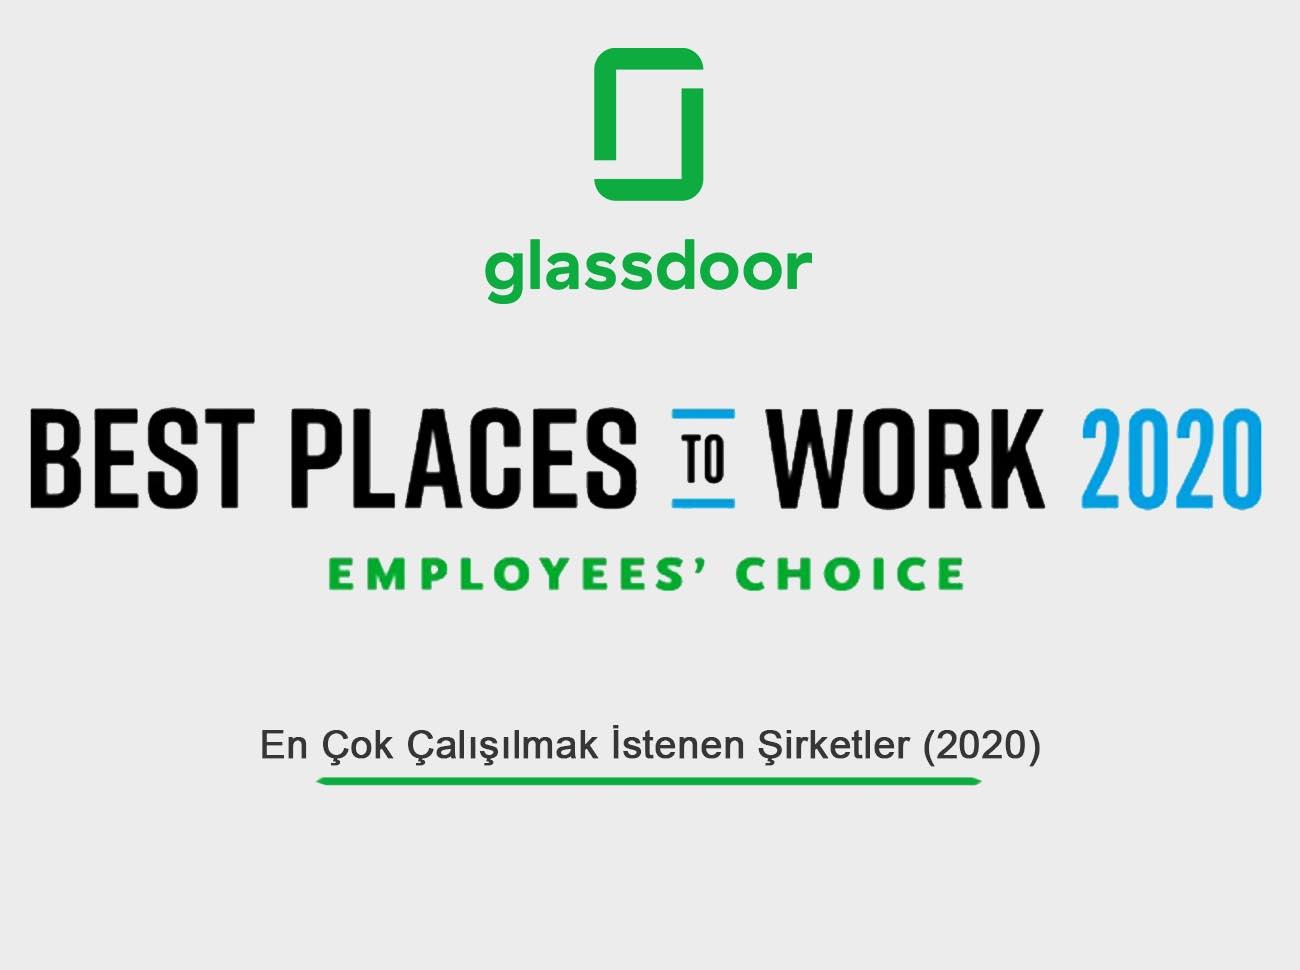 En Çok Çalışılmak İstenen Şirketler (2020)